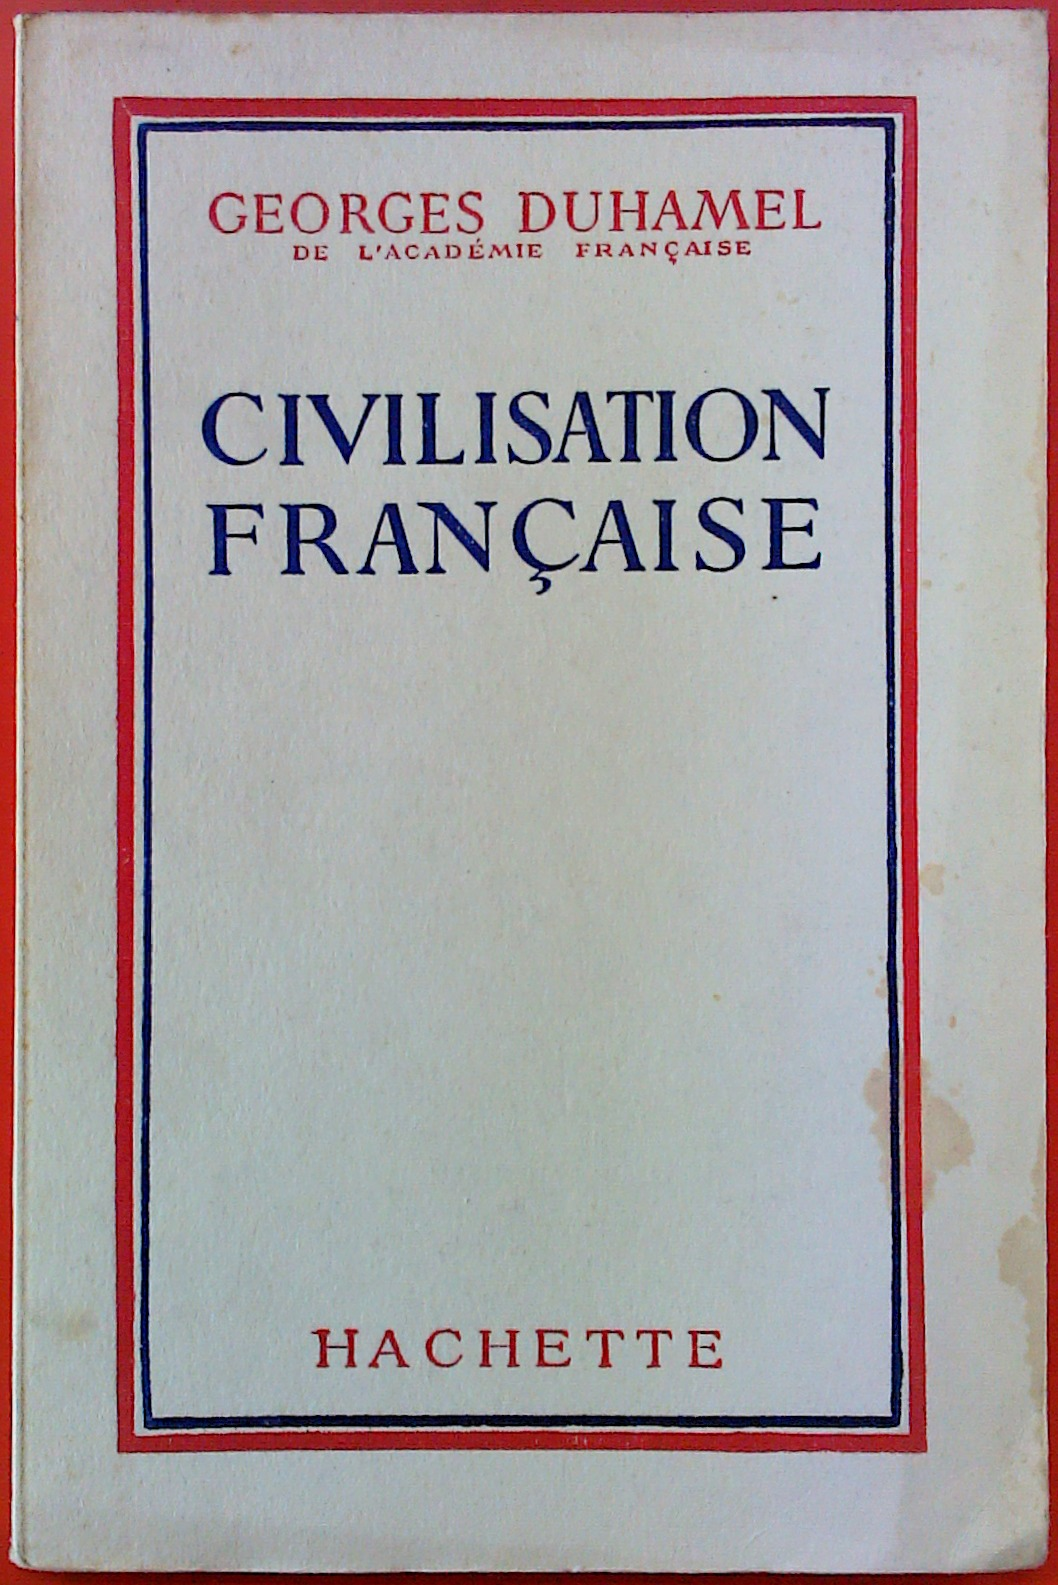 Georges Duhamel... Civilisation française